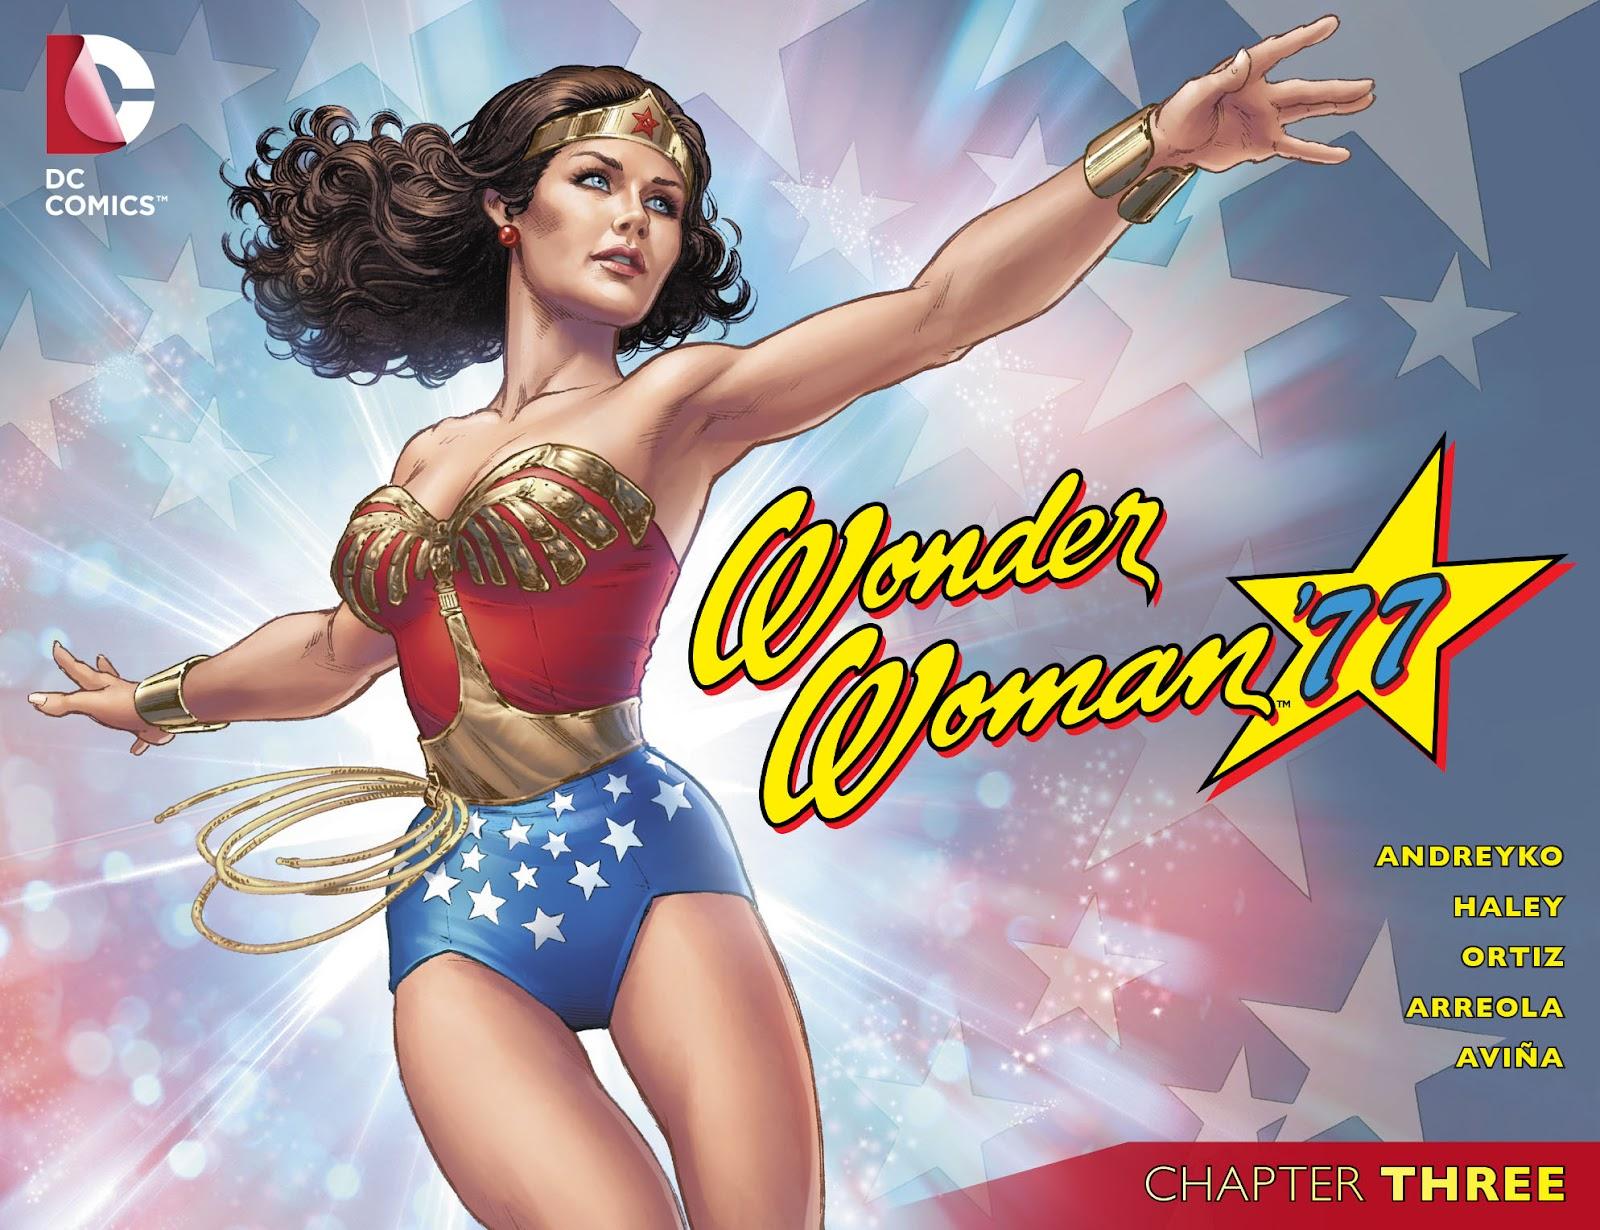 Wonder Woman 77 [I] 3 Page 1